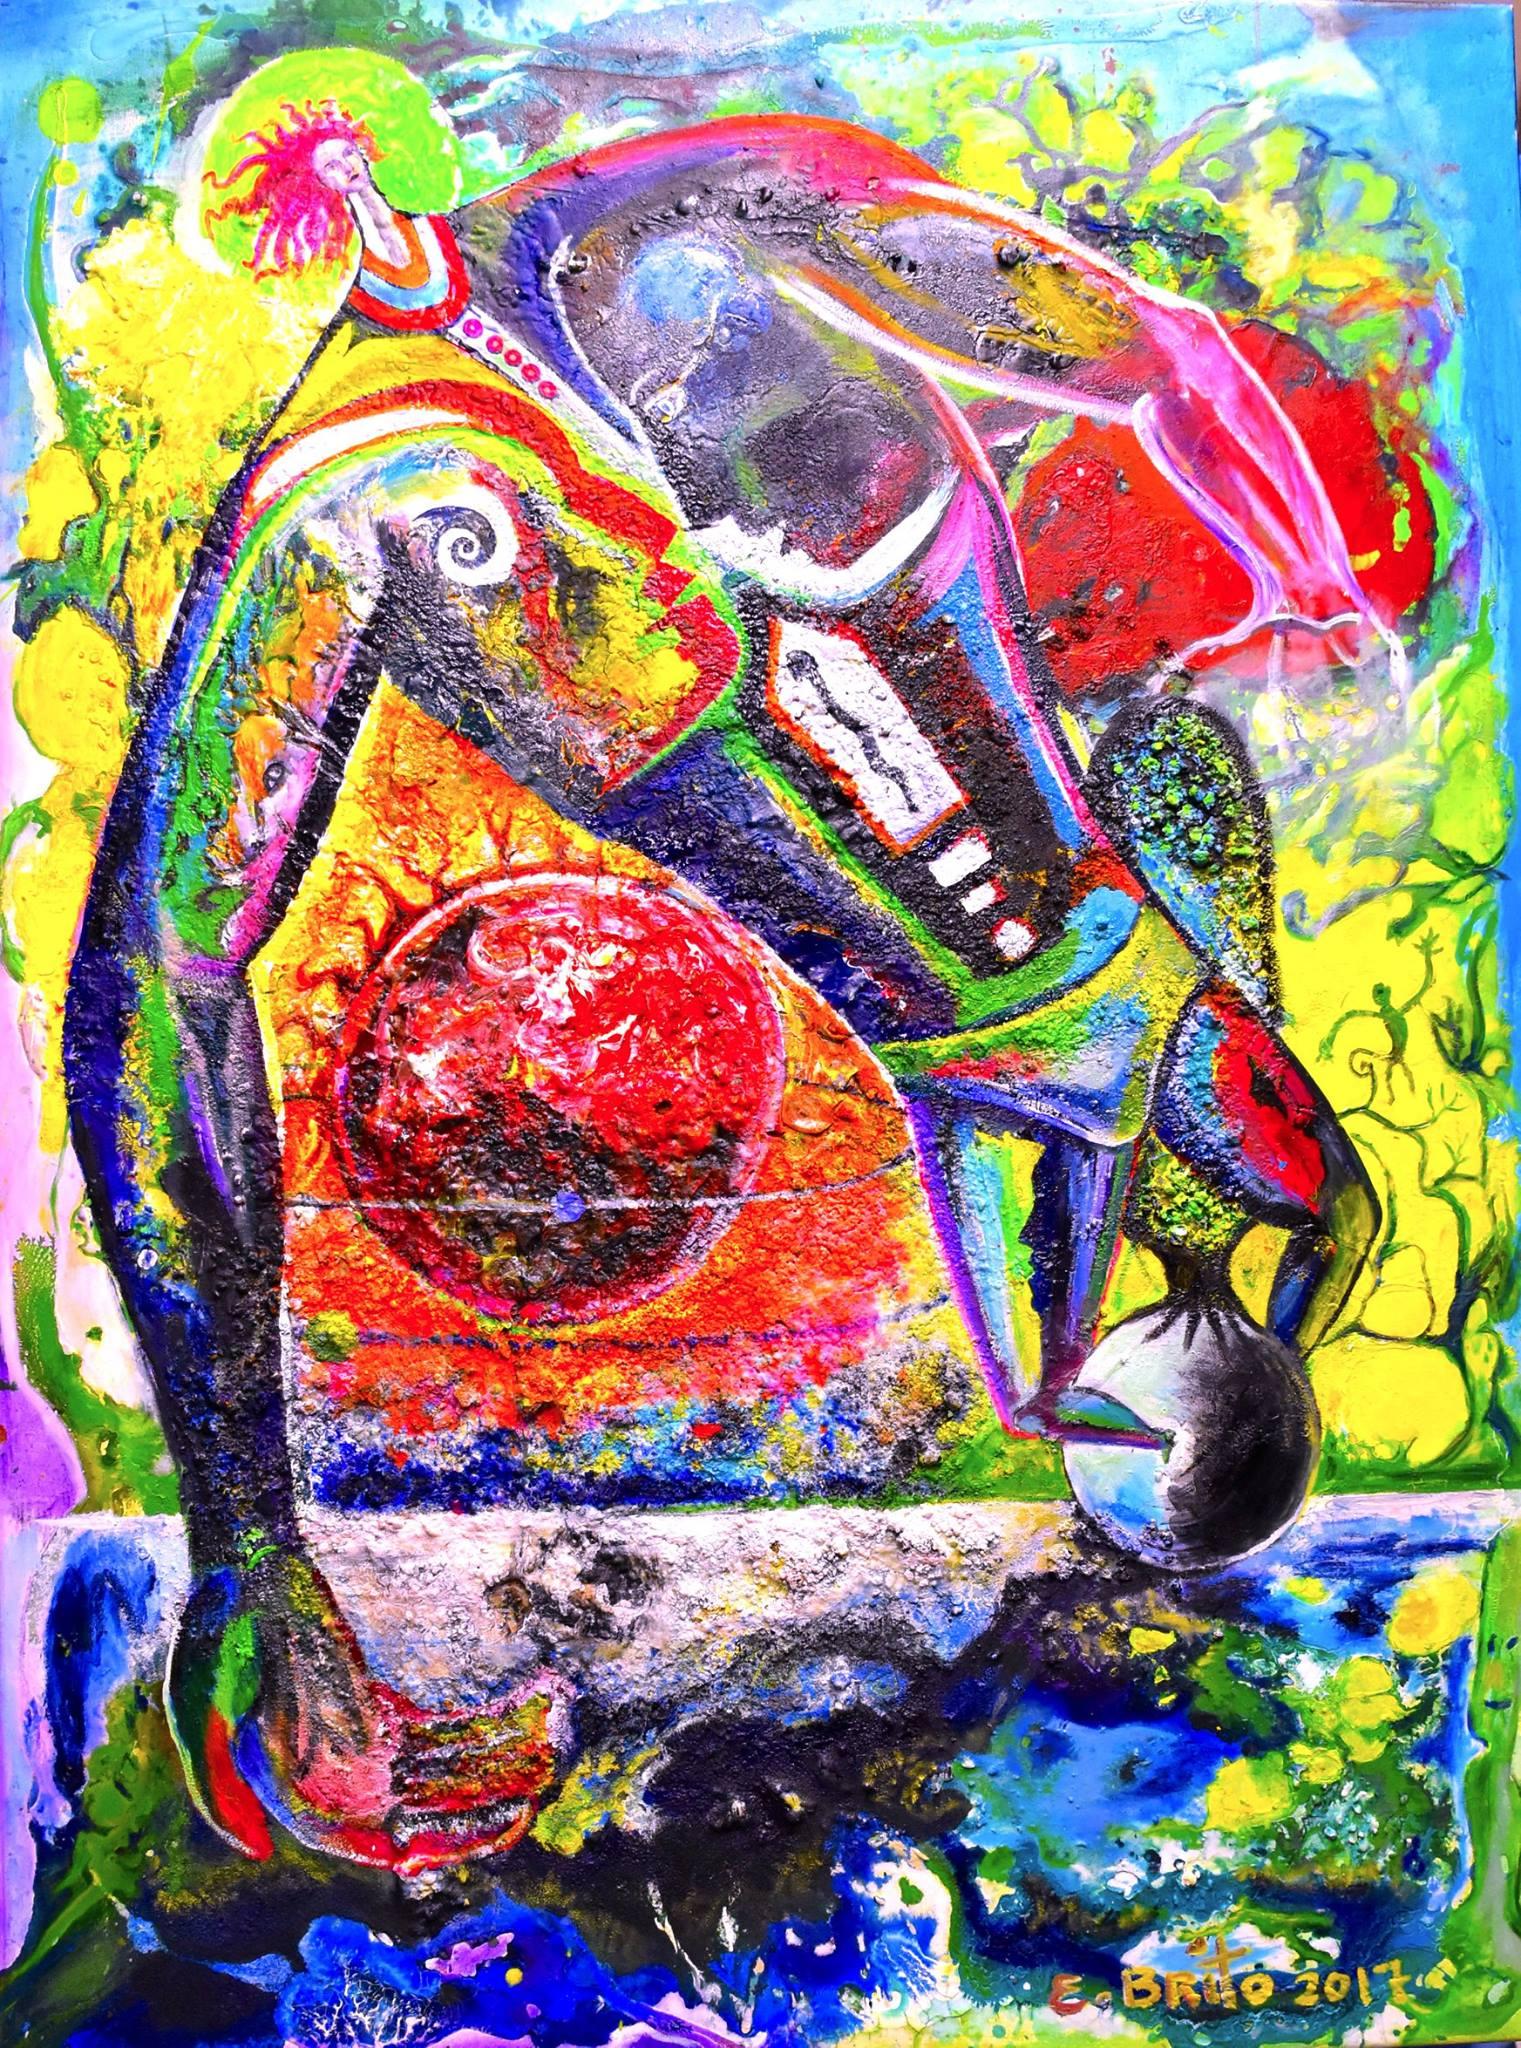 Artwork by Enrique Brito